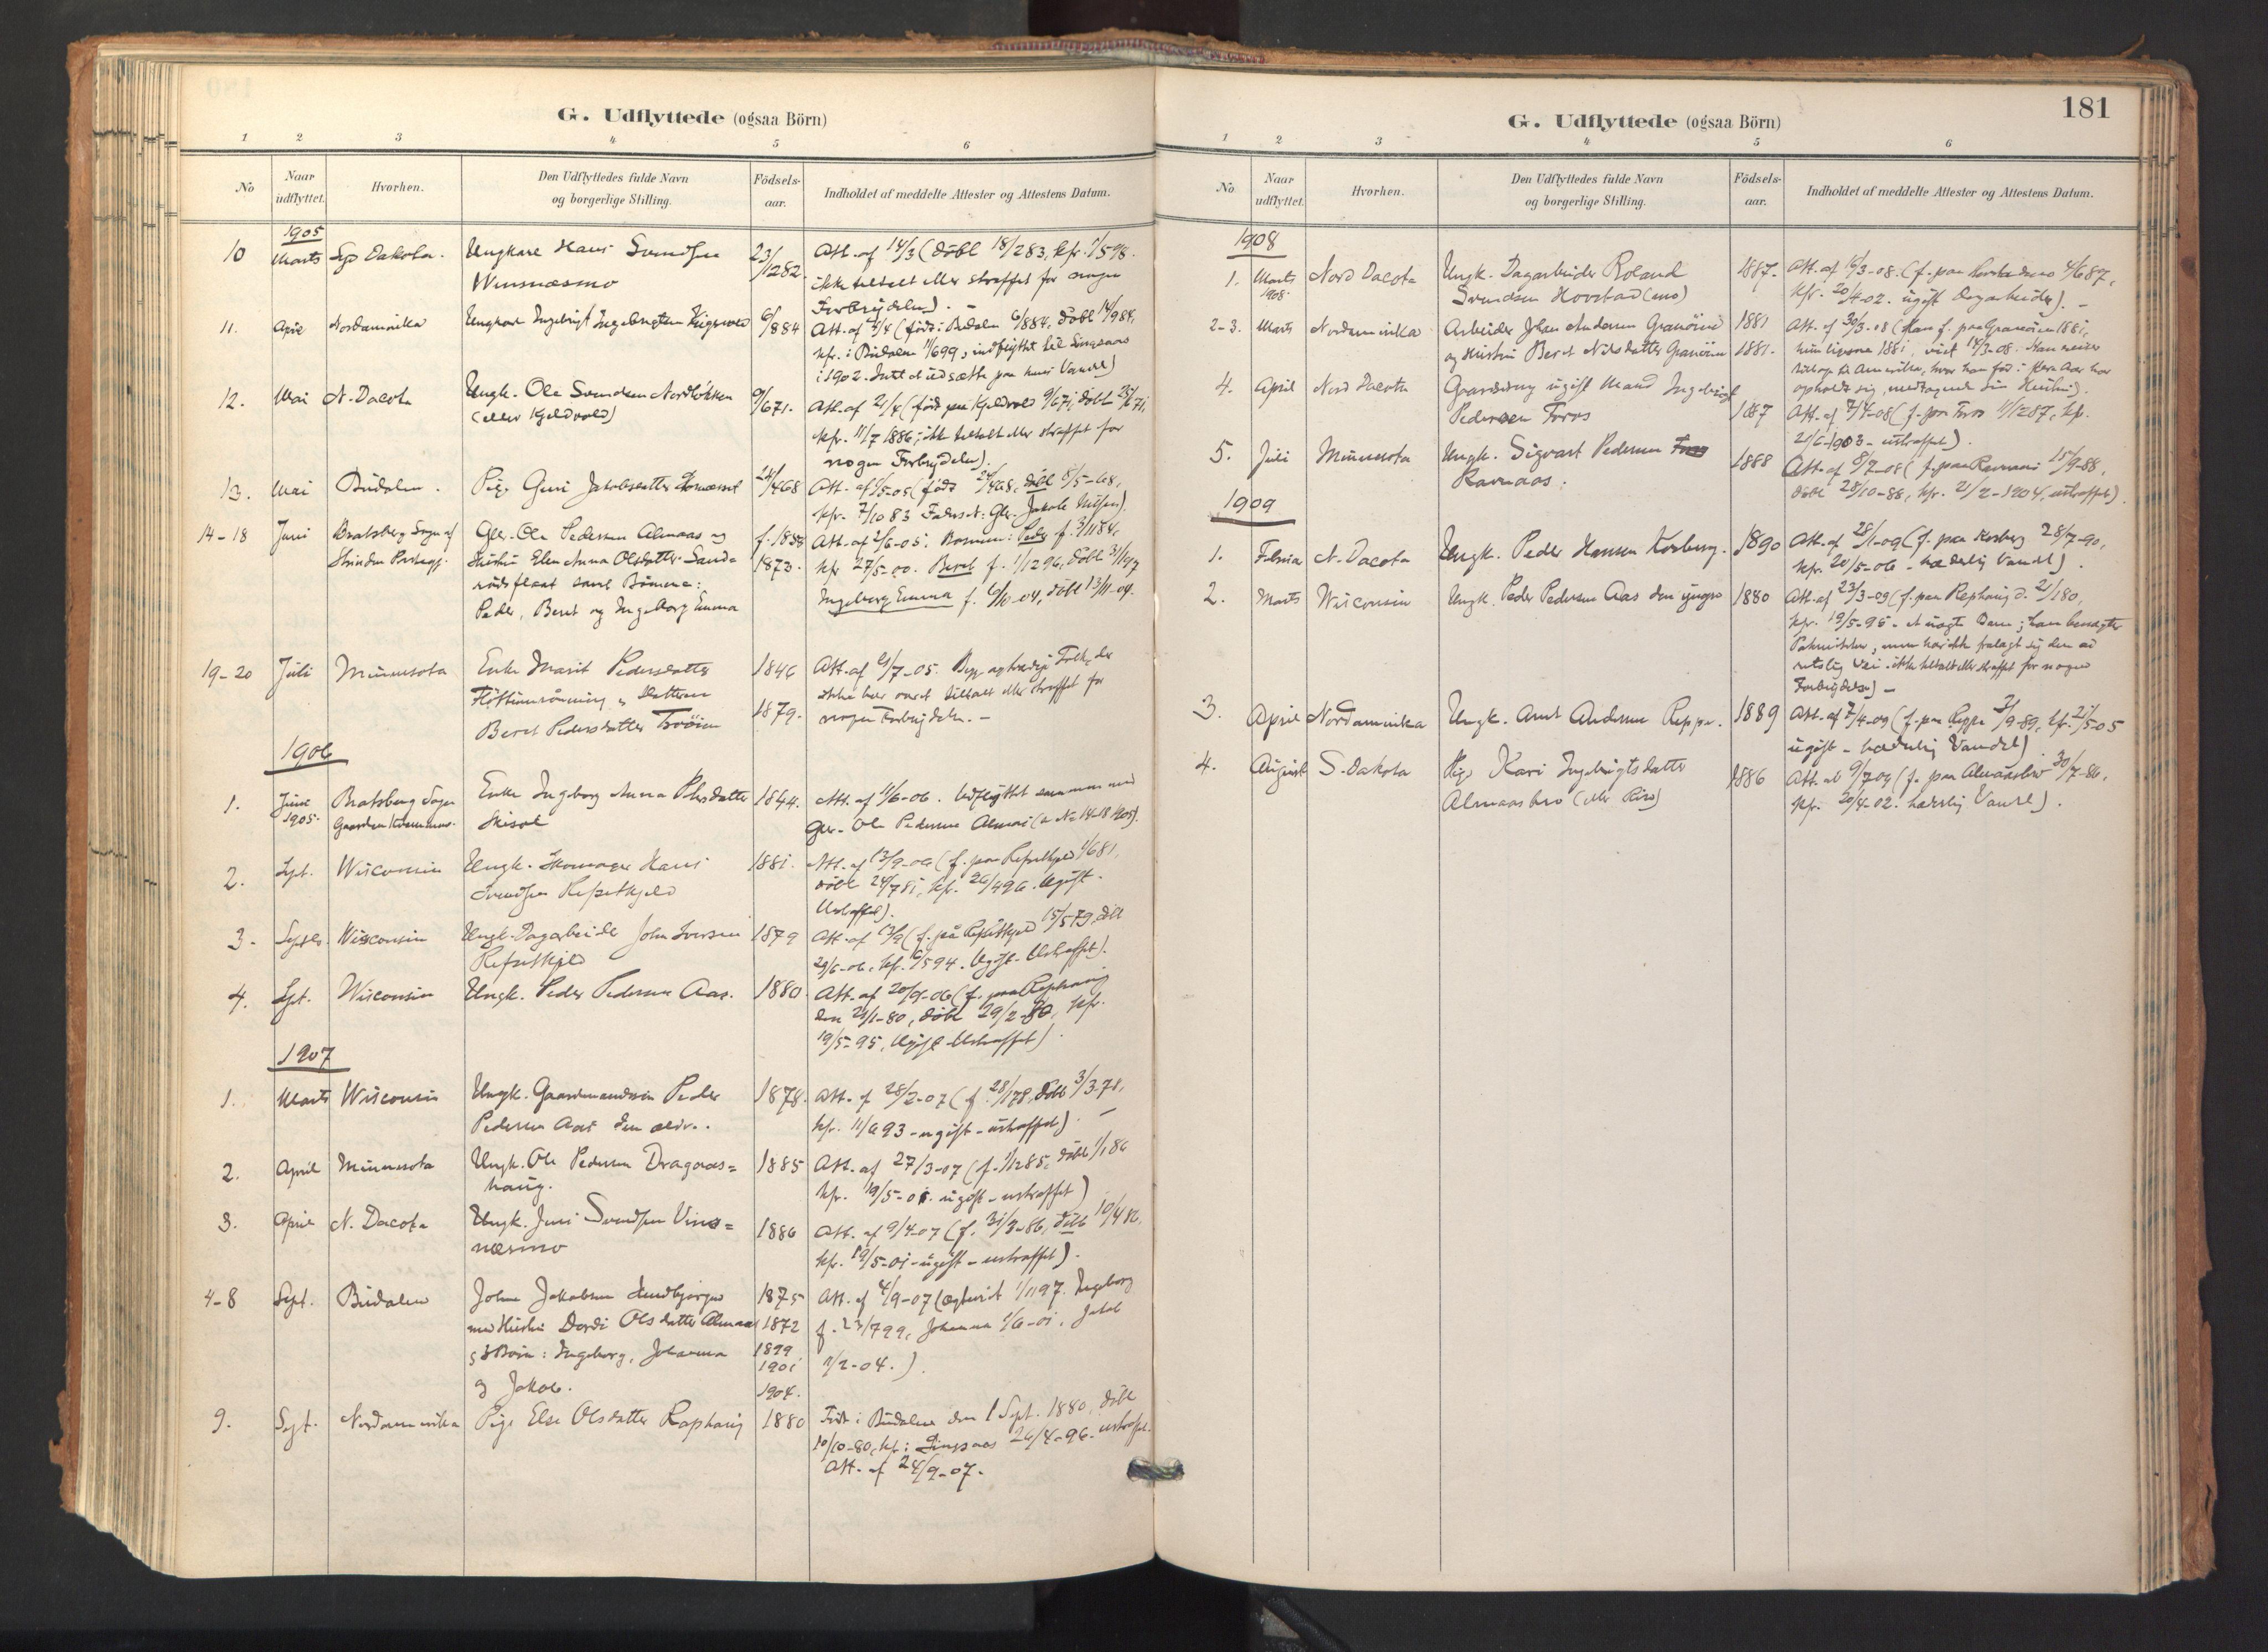 SAT, Ministerialprotokoller, klokkerbøker og fødselsregistre - Sør-Trøndelag, 688/L1025: Ministerialbok nr. 688A02, 1891-1909, s. 181